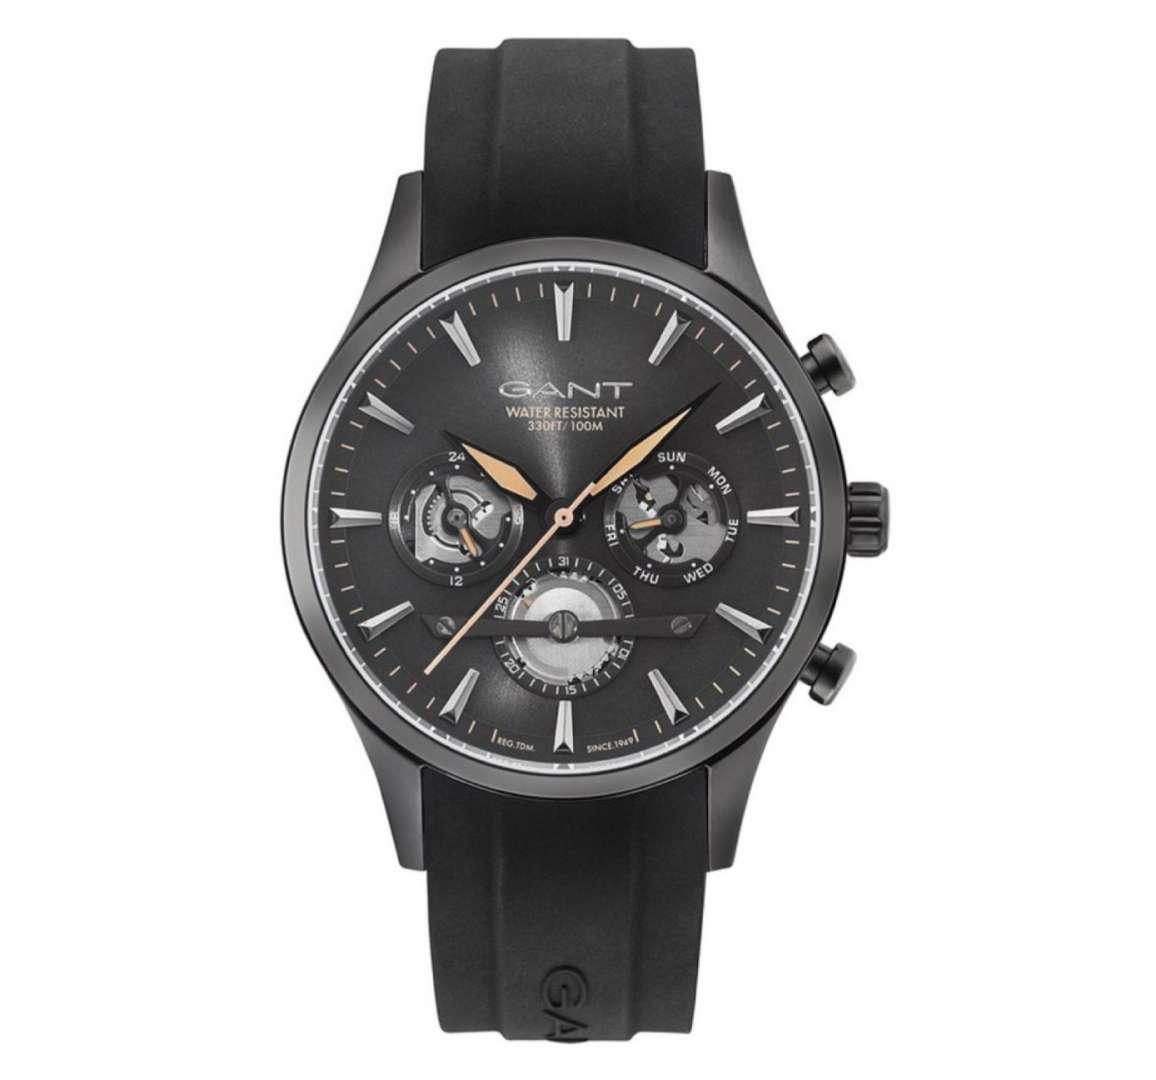 שעון יד אנלוגי gant gt005019 גאנט